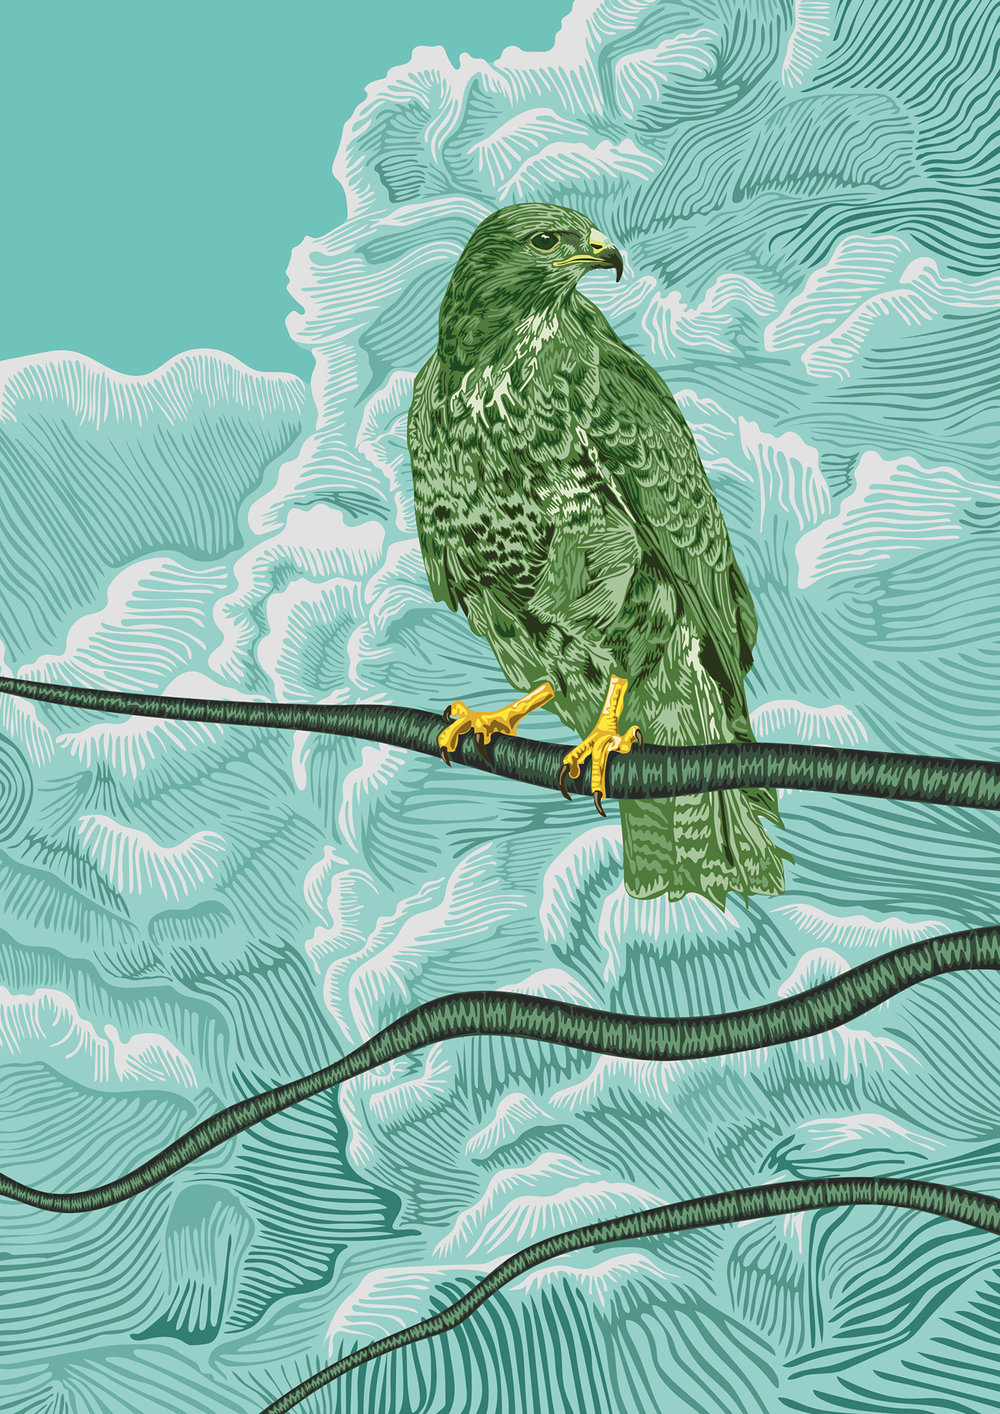 The-buzzard-in-the-dead-tree.jpg